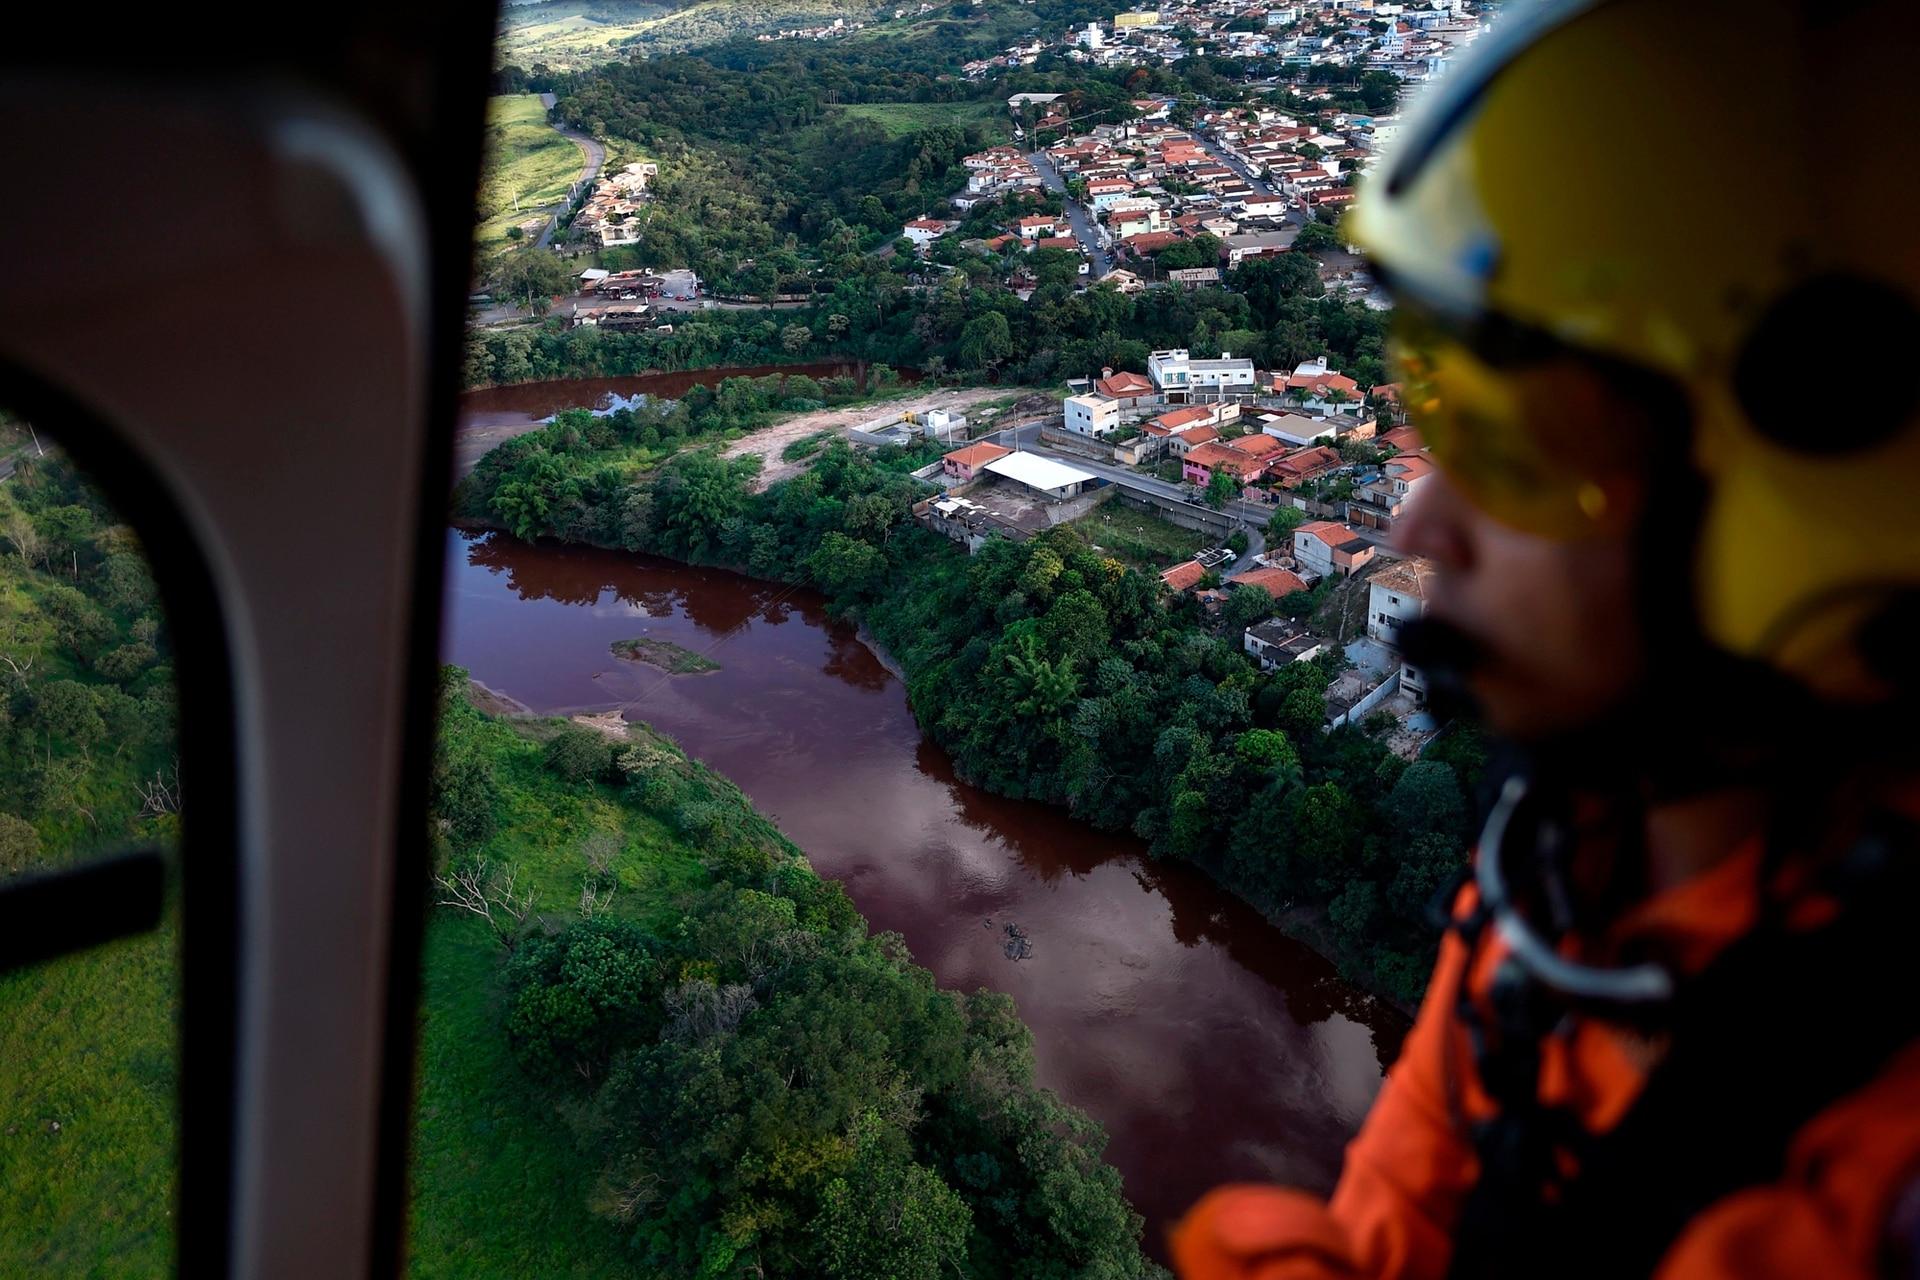 Bomberos buscan cuerpos en la región de Corrego do Feijao en Brumadinho el 27 de enero. Las comunidades locales fueron devastadas por el colapso de una represa que mató al menos a 37 personas en un complejo minero brasileño. Al menos 250 personas siguen desaparecidas.